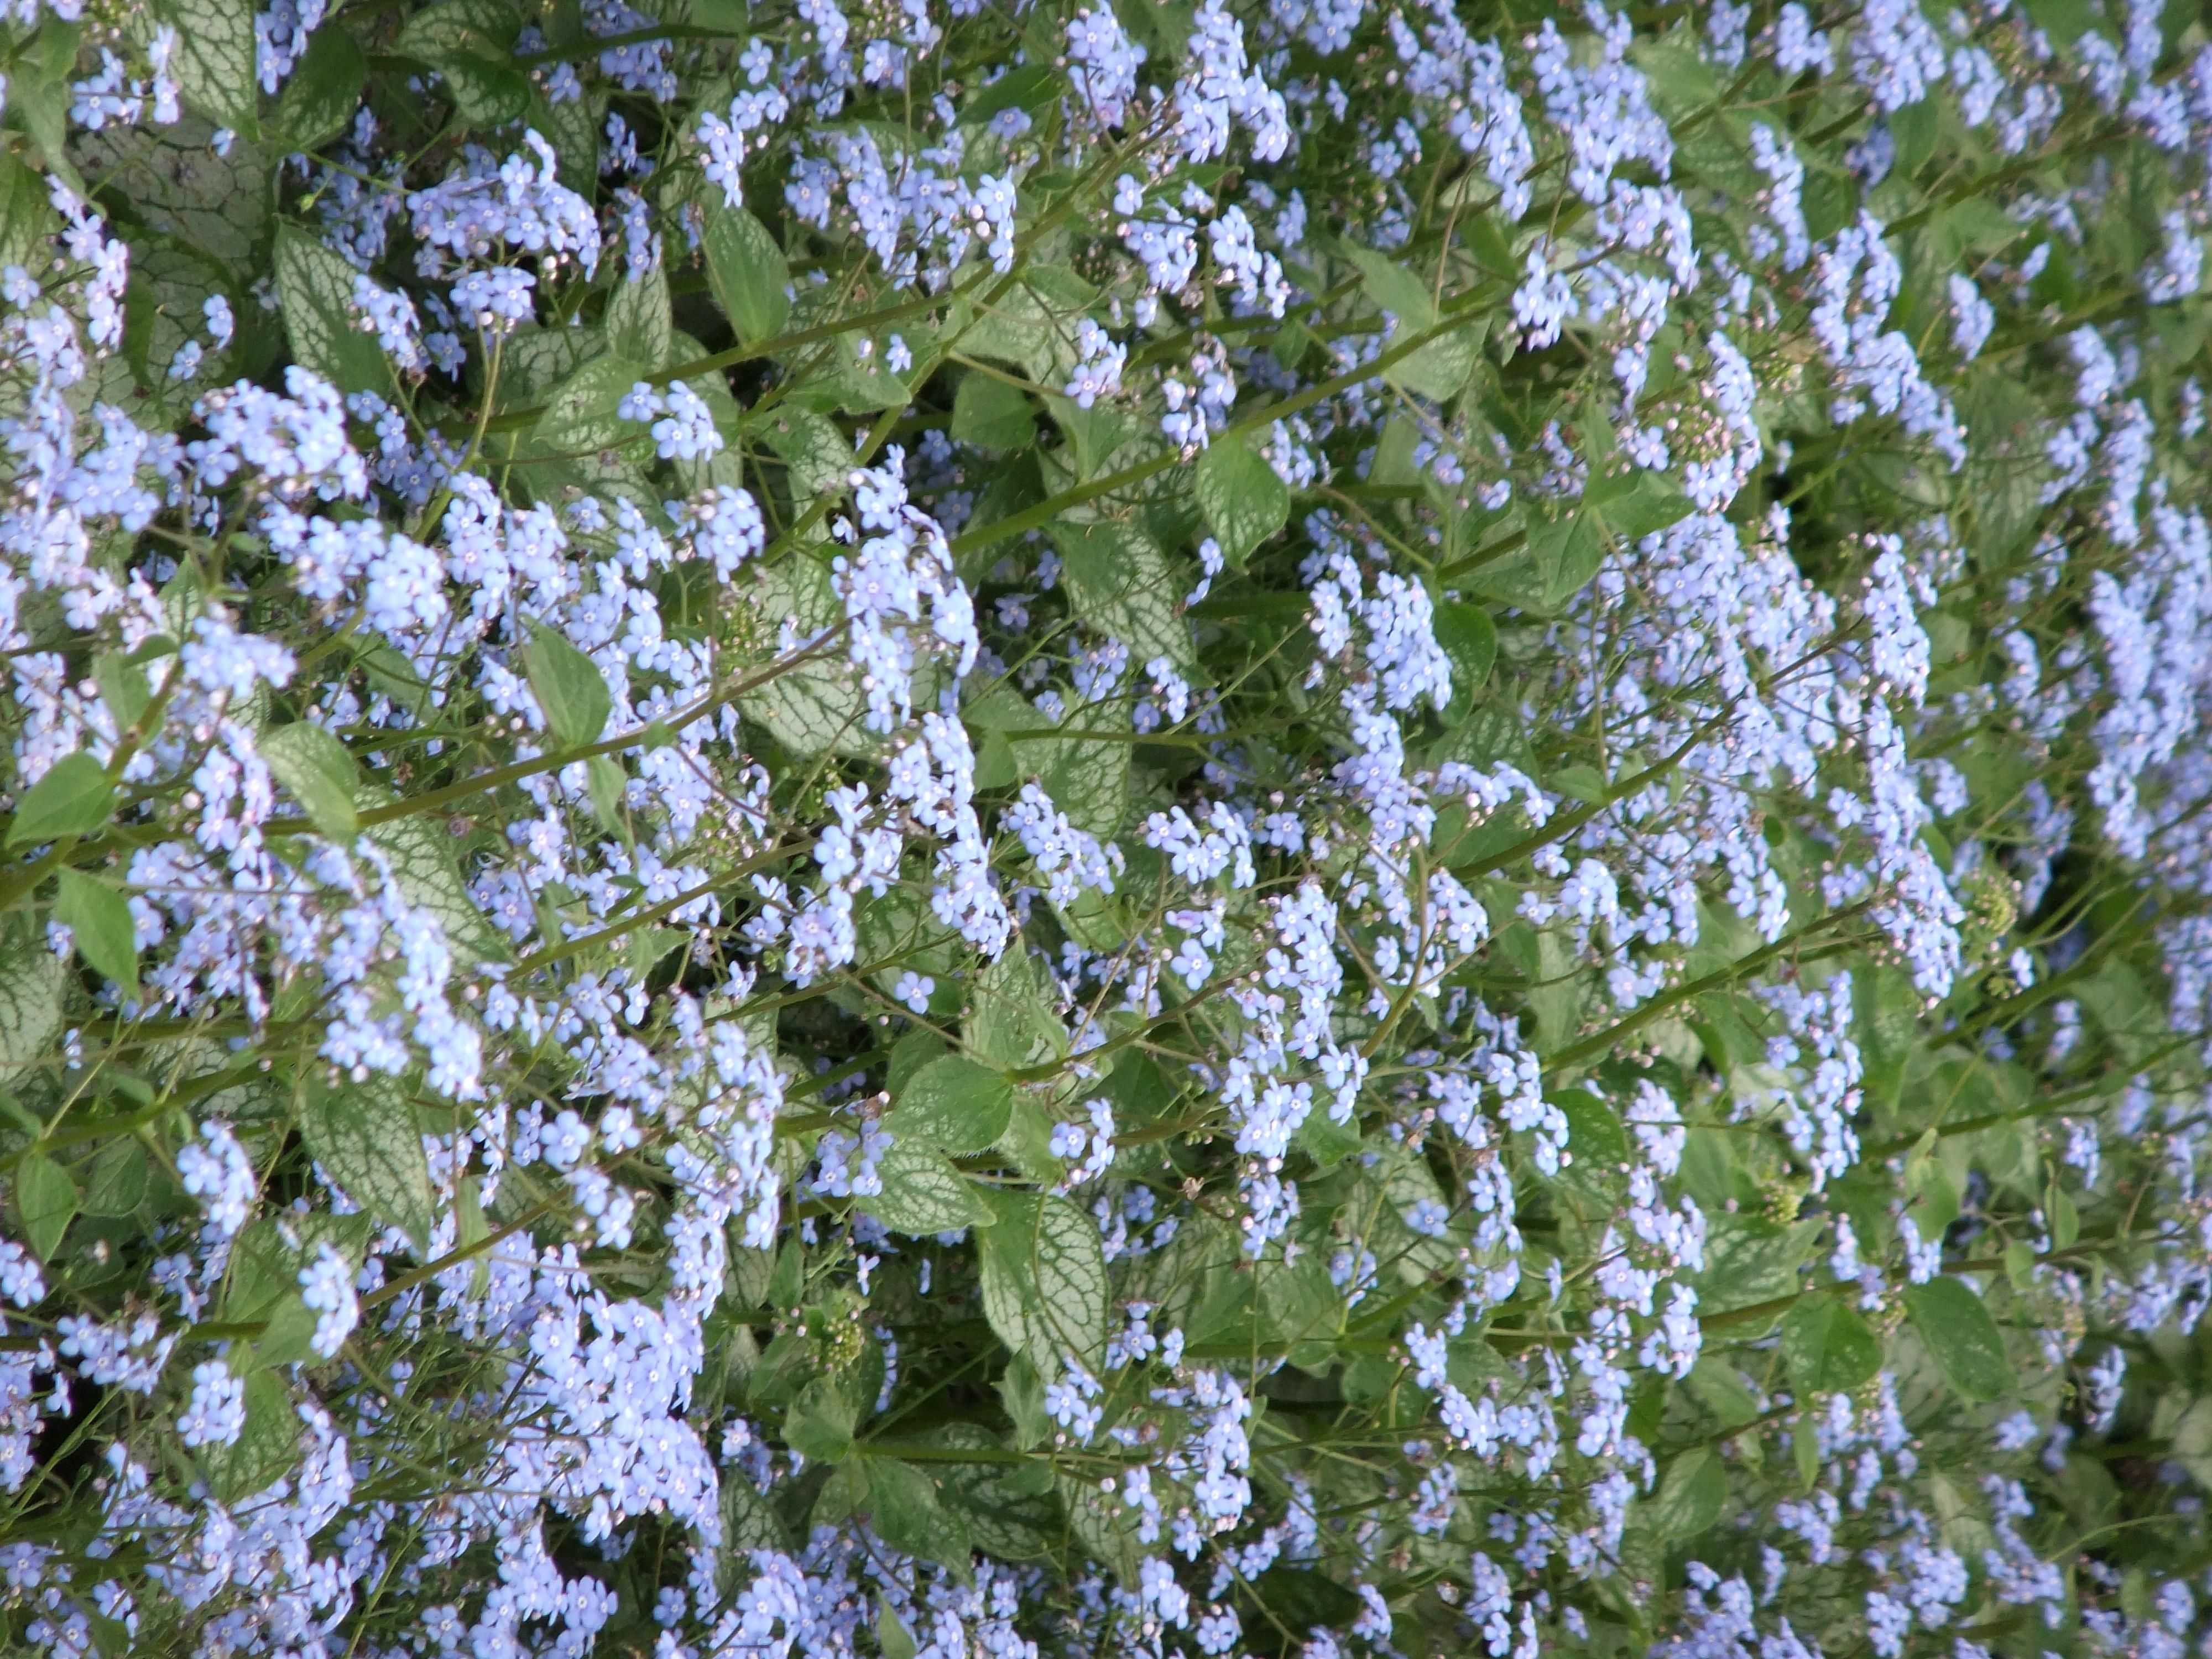 http://img.photographyblog.com/reviews/fujifilm_finepix_f80exr/sample_images/fujifilm_finepix_f80exr_37.jpg